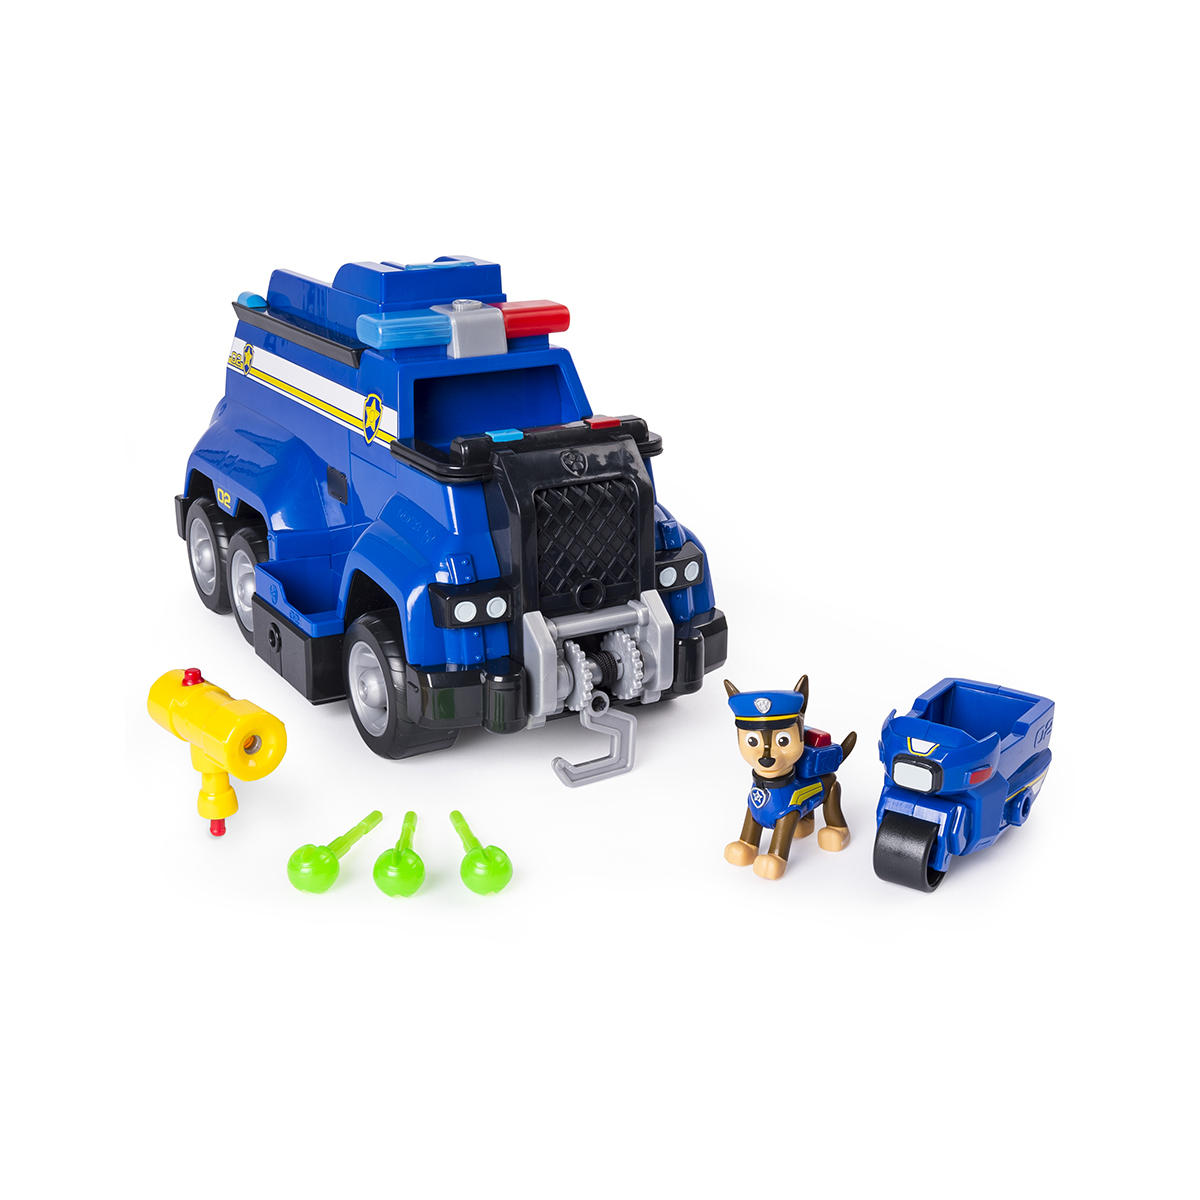 Set de joaca Paw Patrol, Vehicul de politie cu functiuni, Chase